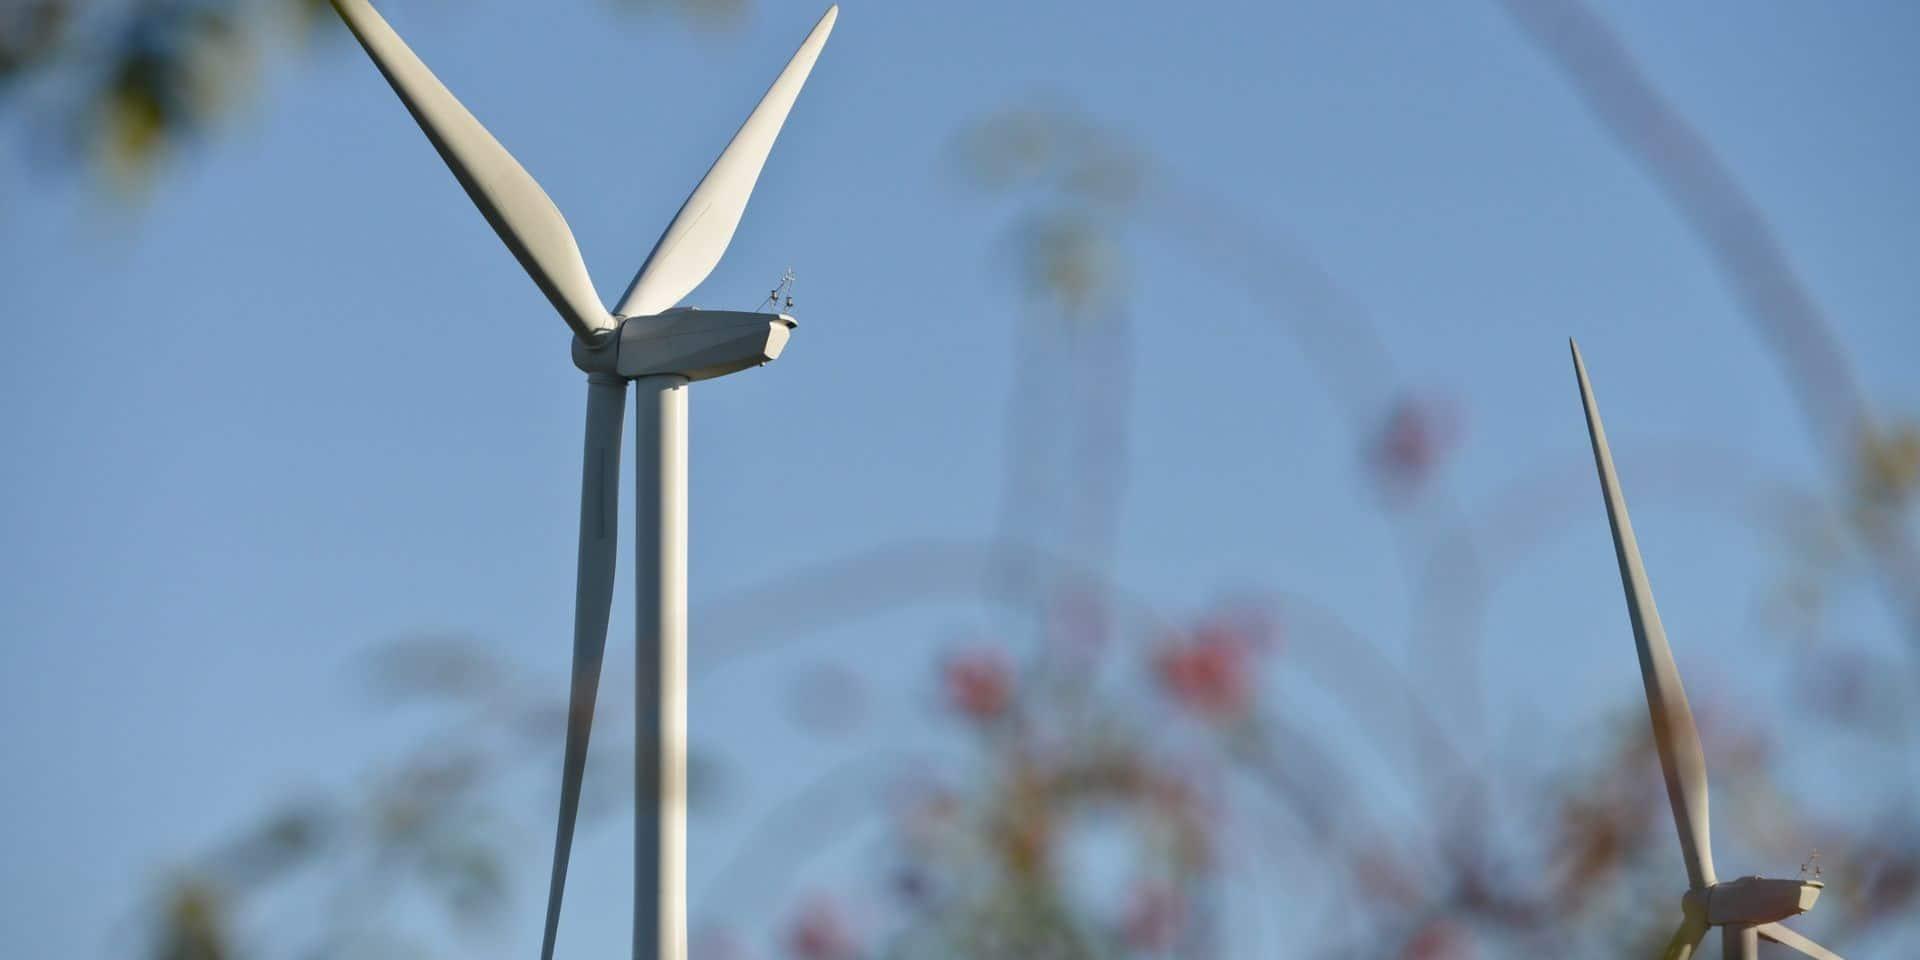 Nouvelles éoliennes à Quévy: après quatre ans de procédure, le conseil d'état a enfin tranché !